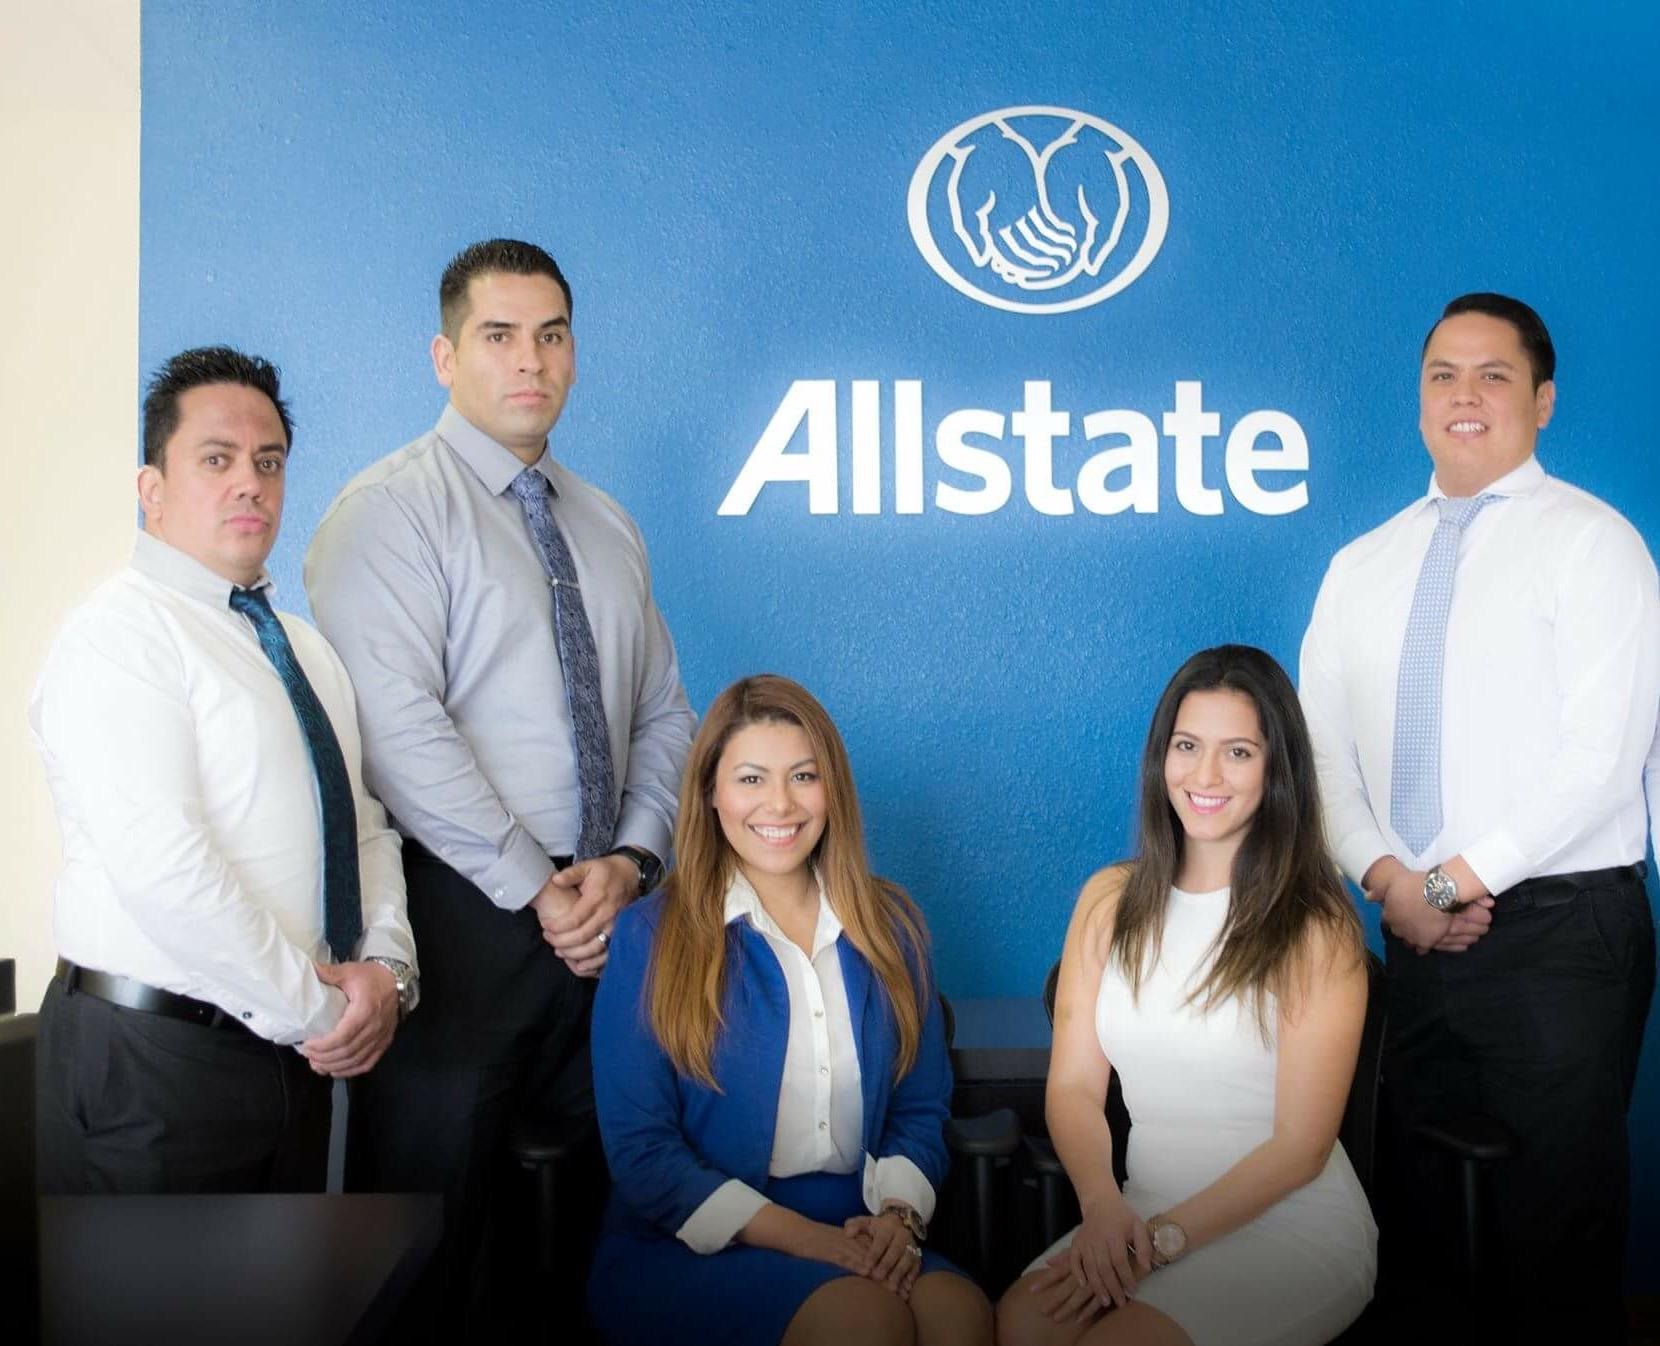 Best Car Insurance In El Paso Tx